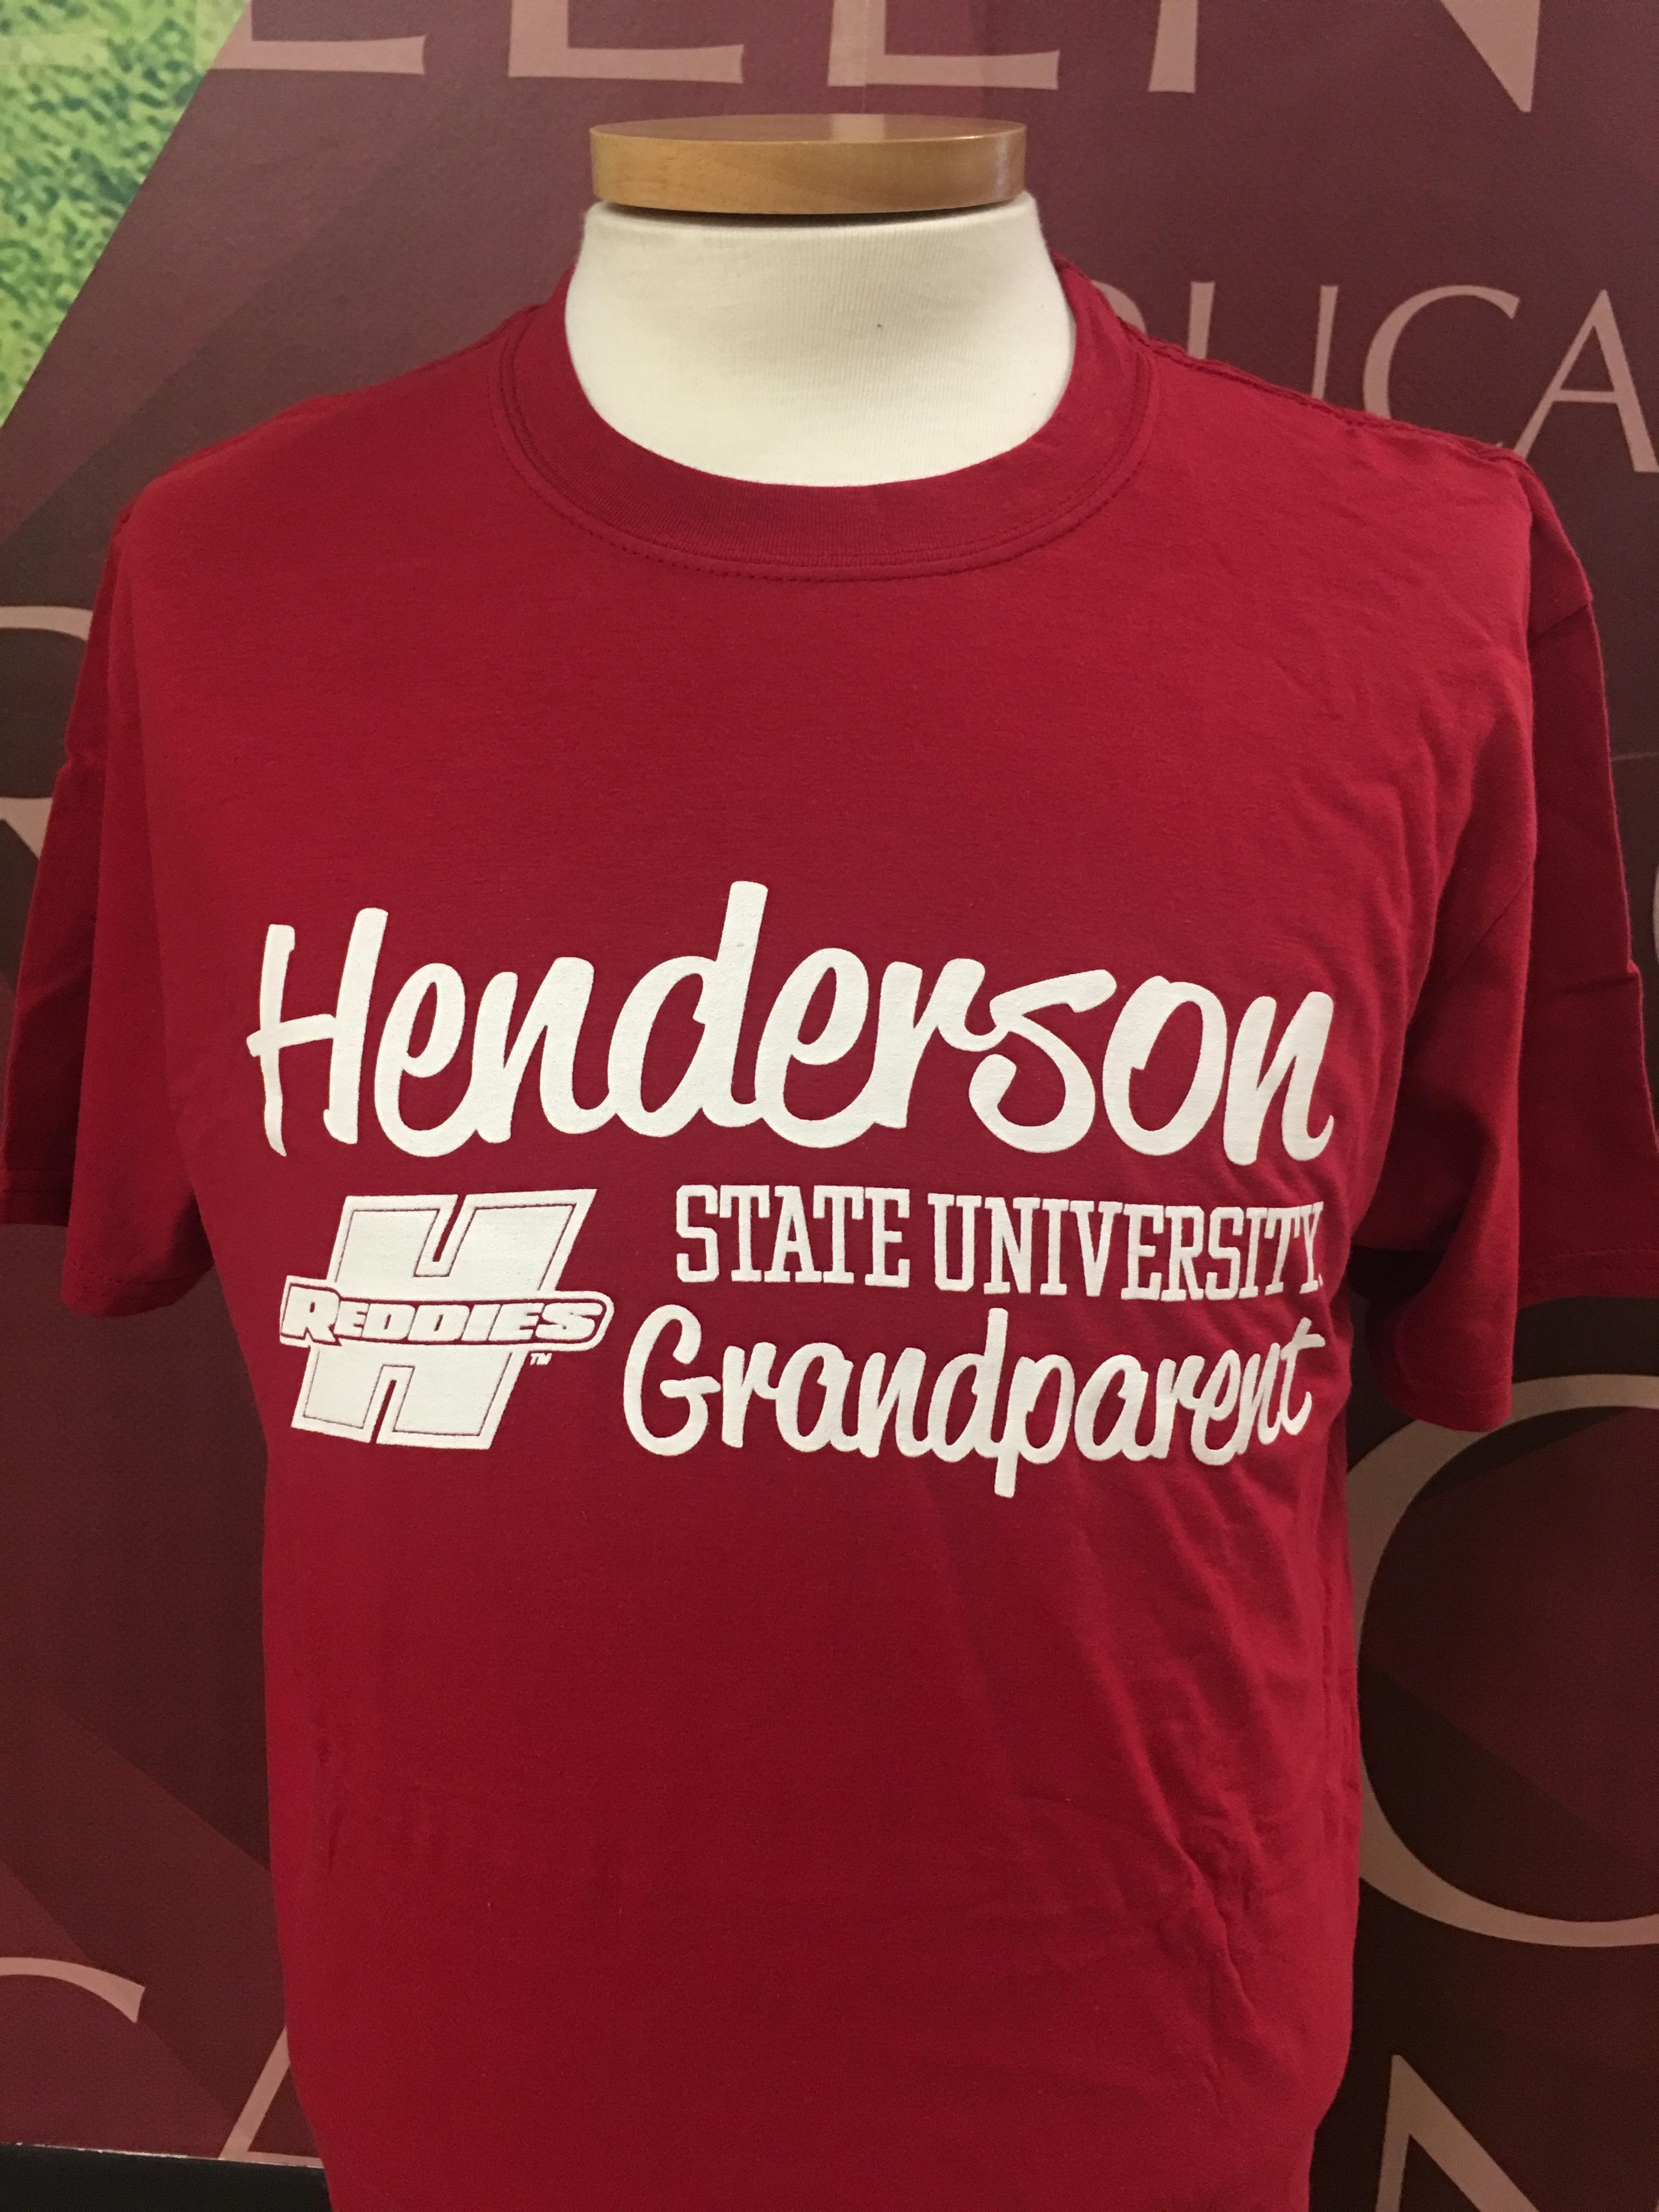 Henderson State University Grandparent Short Sleeve T-Shirt